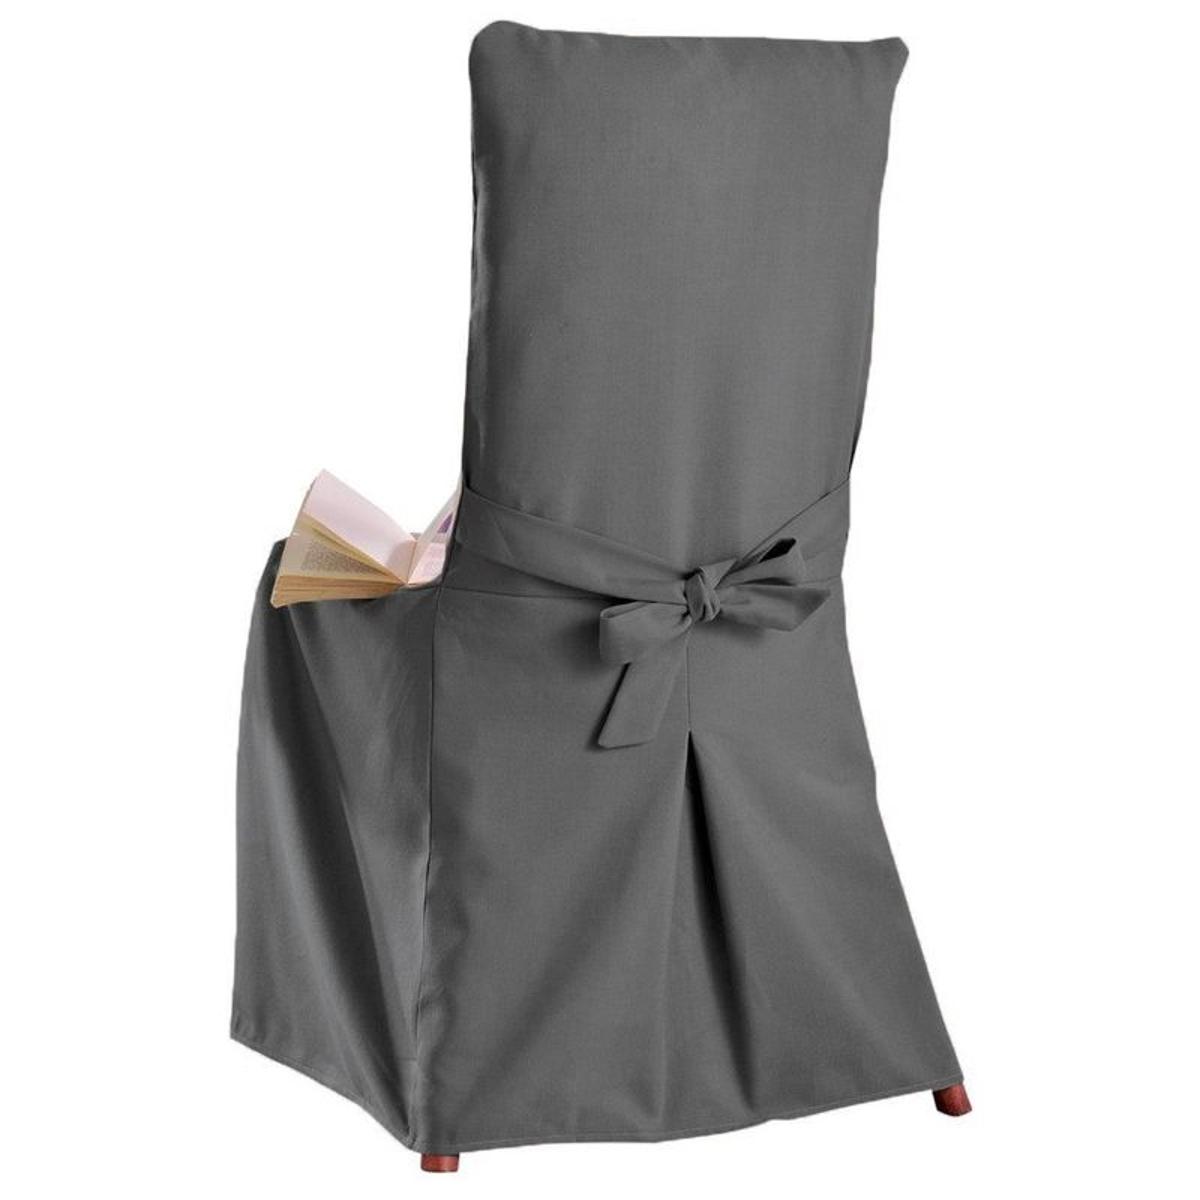 Prix des Housse chaise 1